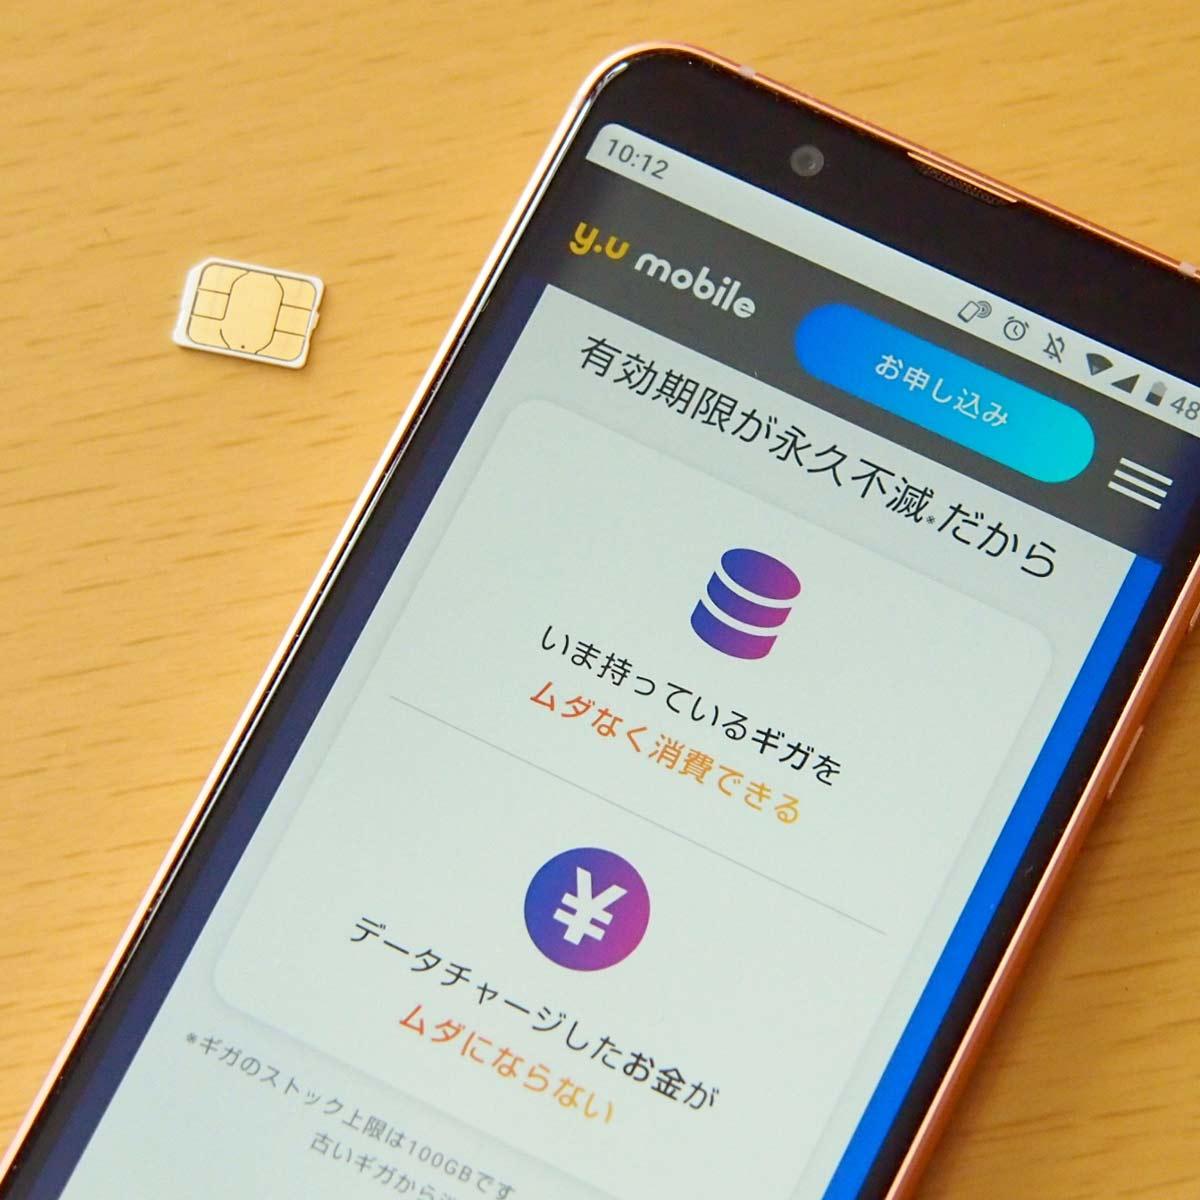 シンプルさを強調する「y.u mobile」はどんな格安SIM?